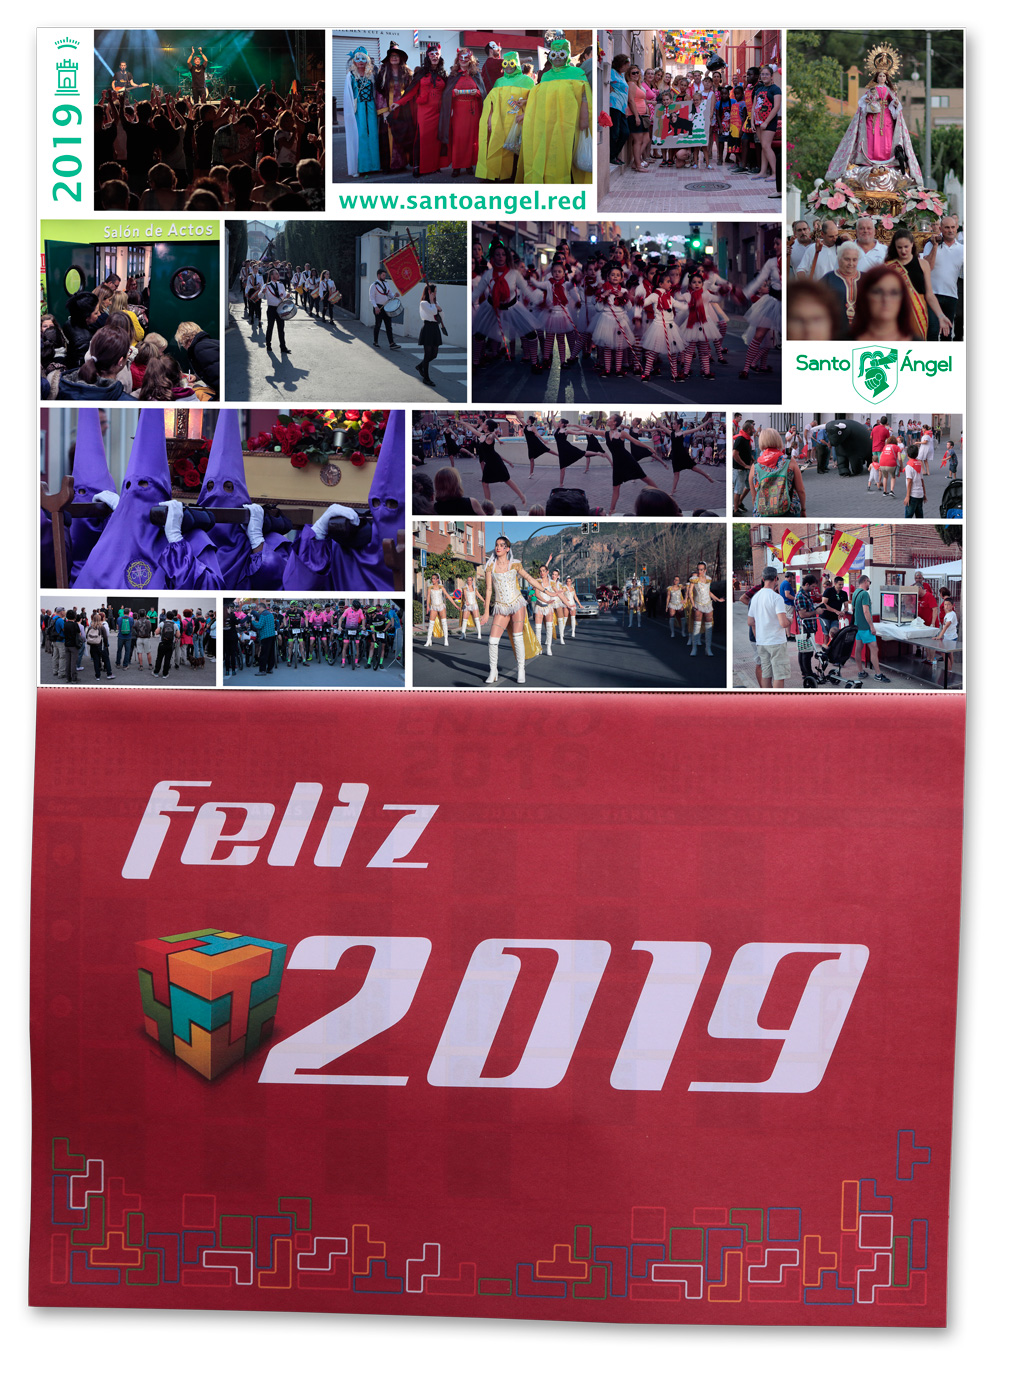 Almanaque 2019 de Santo Ángel